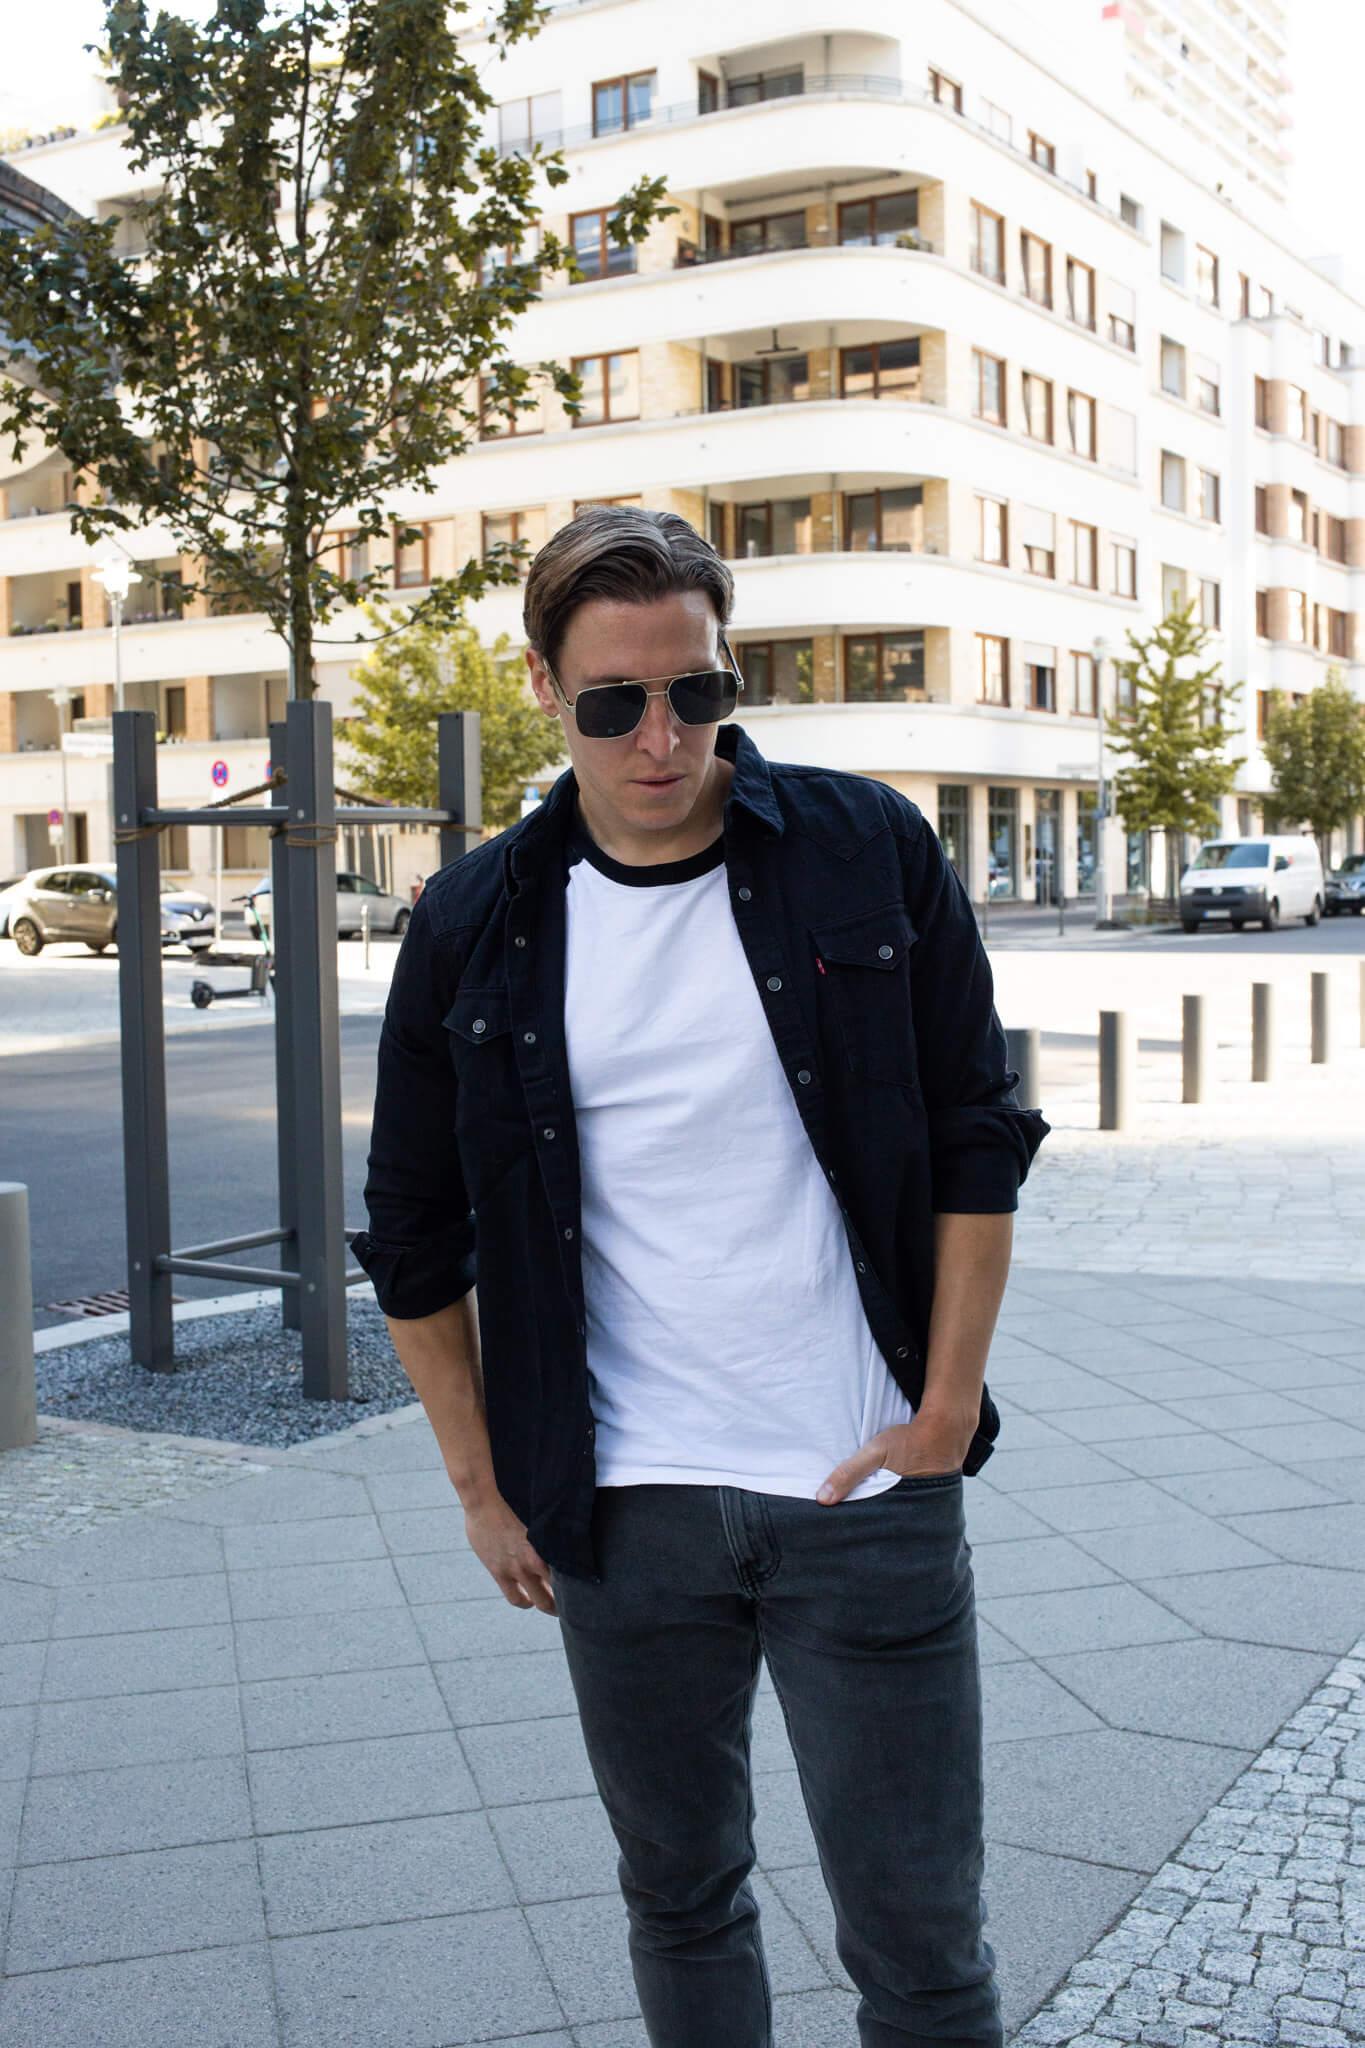 jeanshemd kombinieren streetstyle männer-10